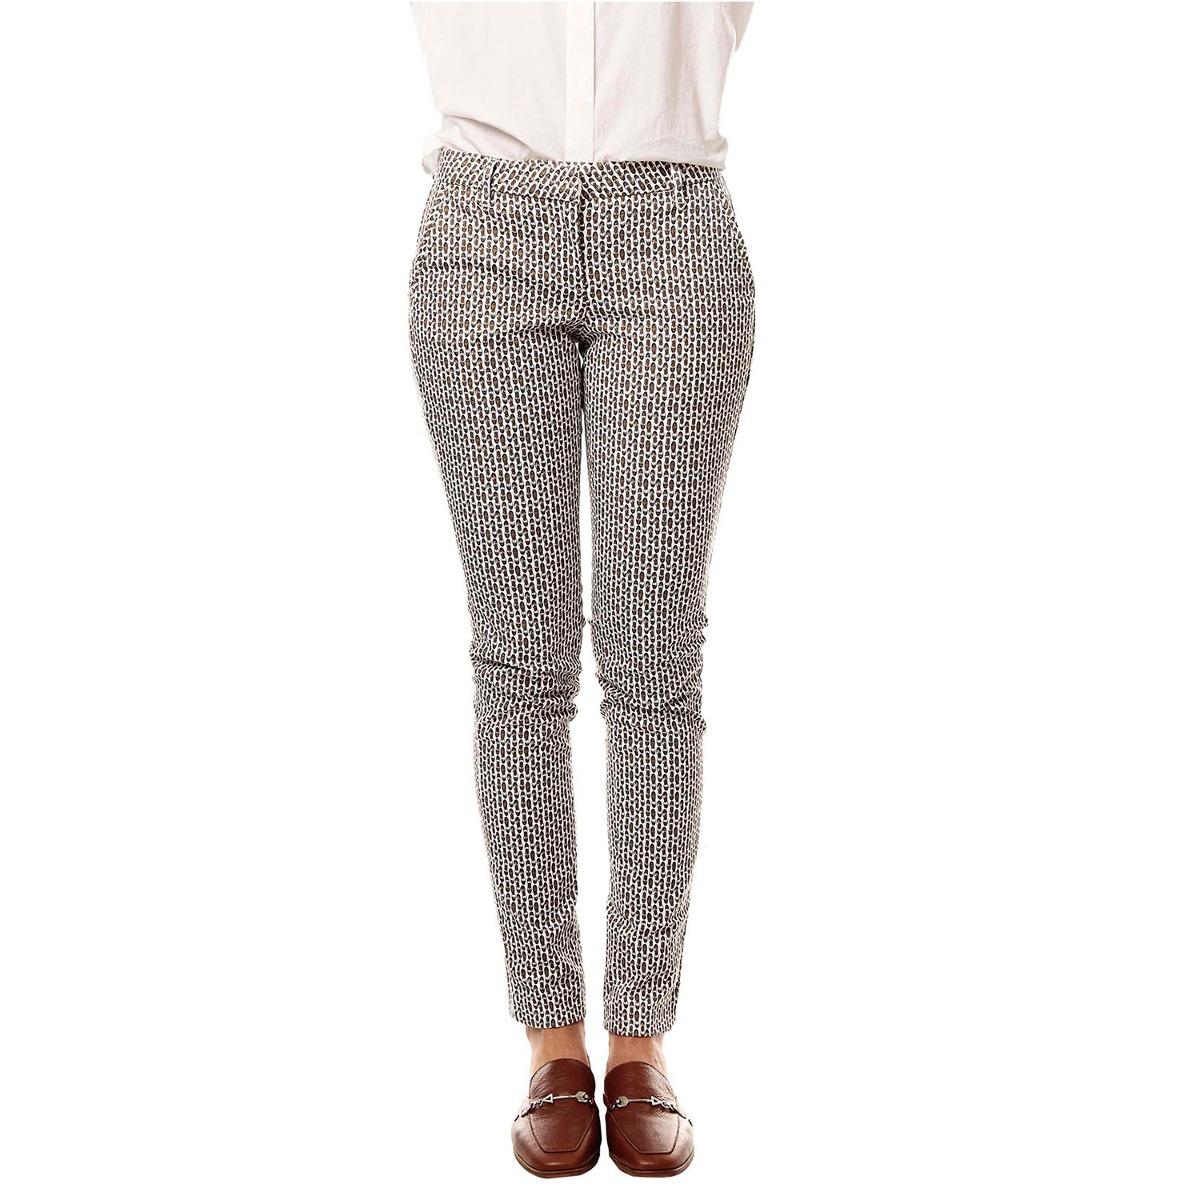 Pantalon Color Siete Para Mujer-rosado -   89.900 en Mercado Libre 8e84b017cc76